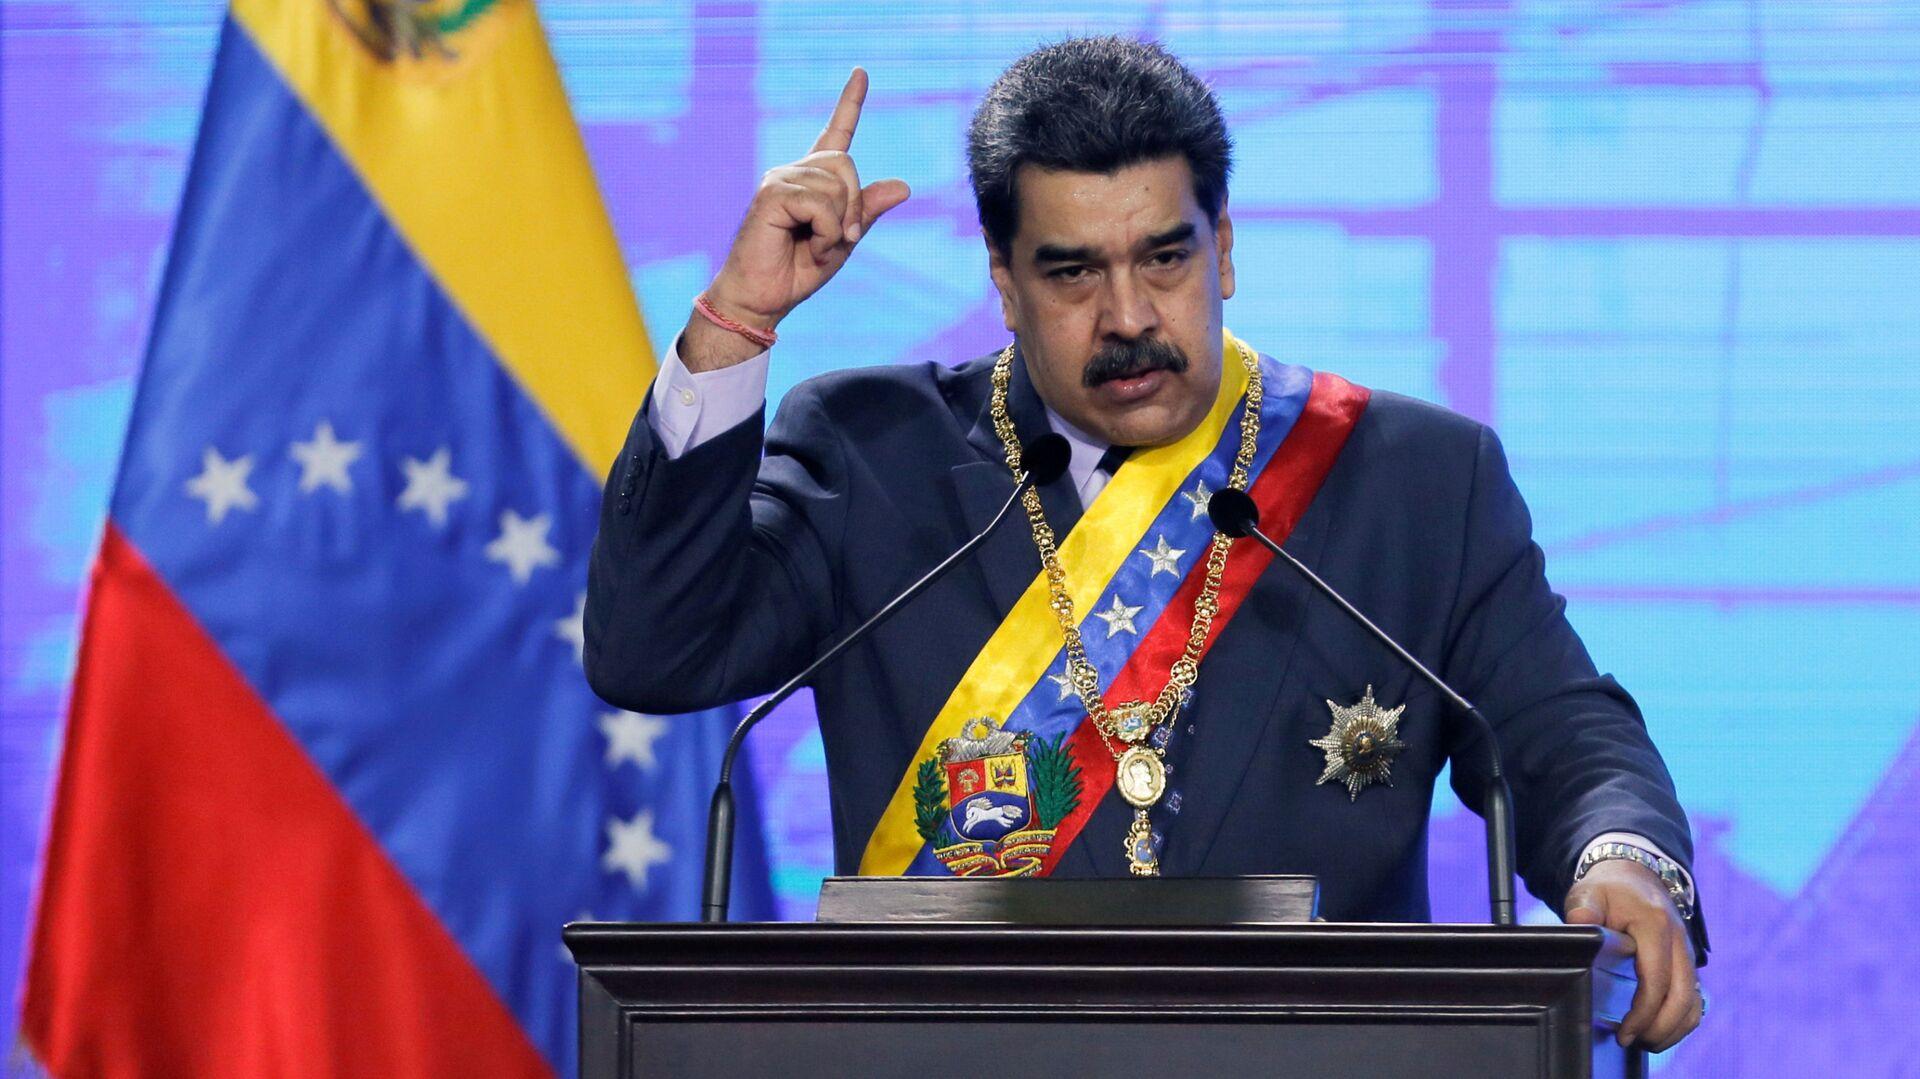 Nicolás Maduro, presidente de Venezuela - Sputnik Mundo, 1920, 22.02.2021